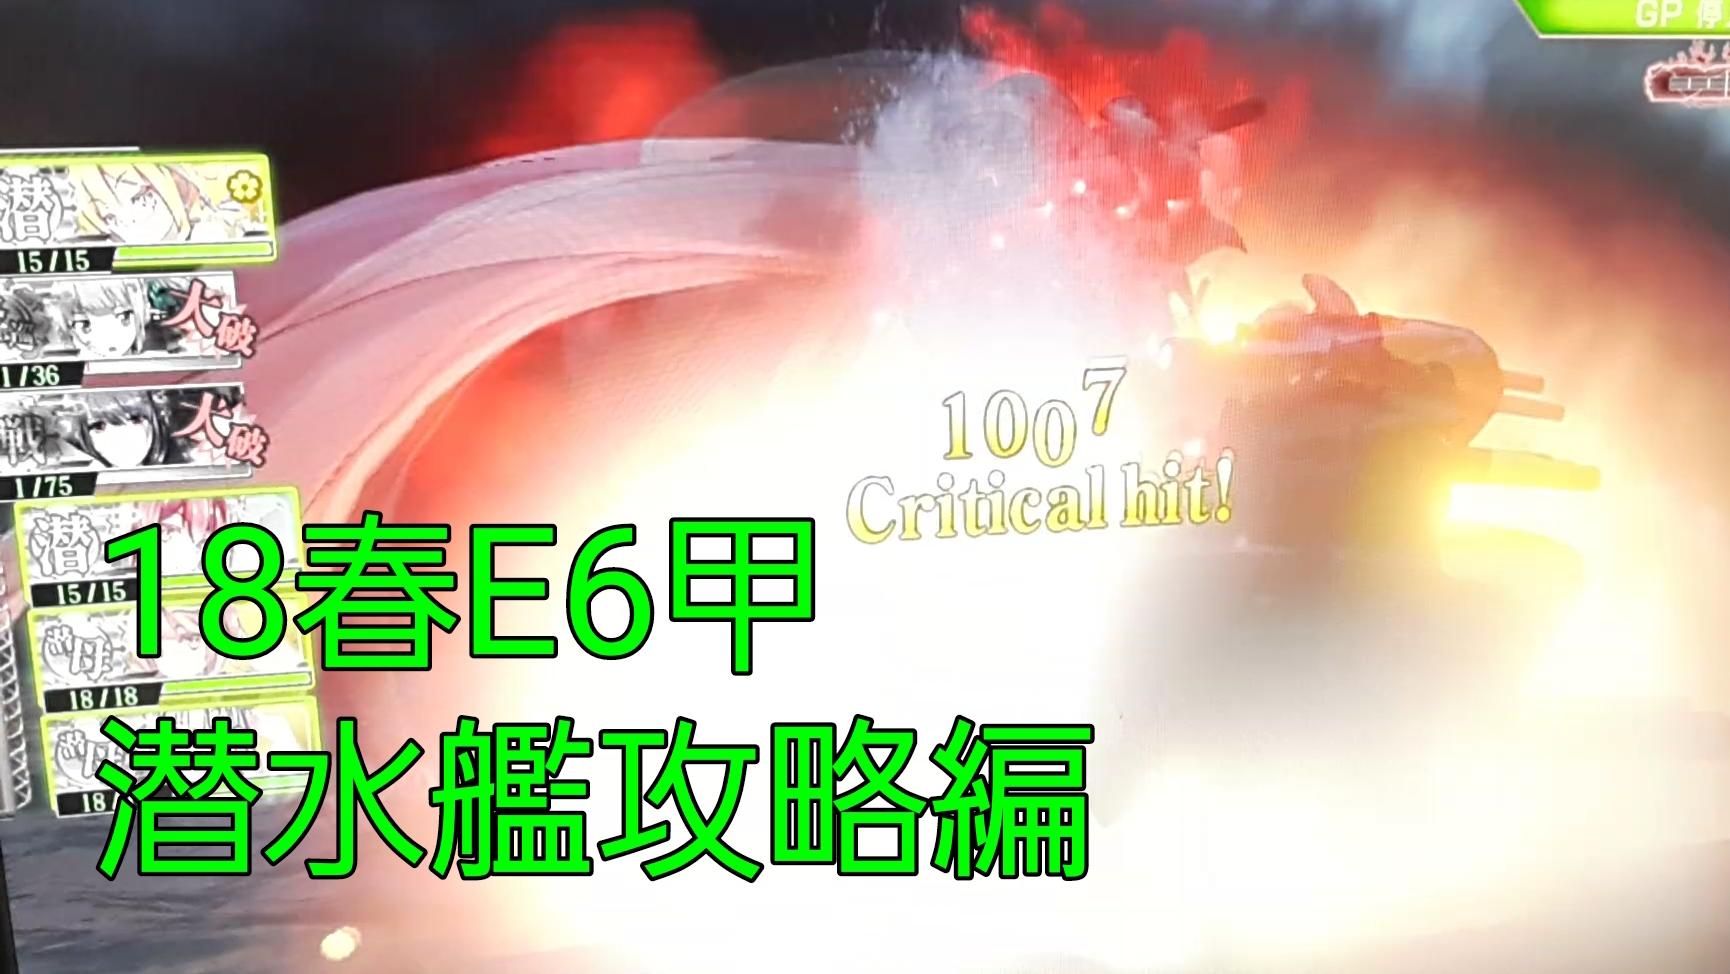 【AC】決戦!南方海域鉄底海峡(18春E6甲) 潜水4航戦1軽巡1 プレイ動画